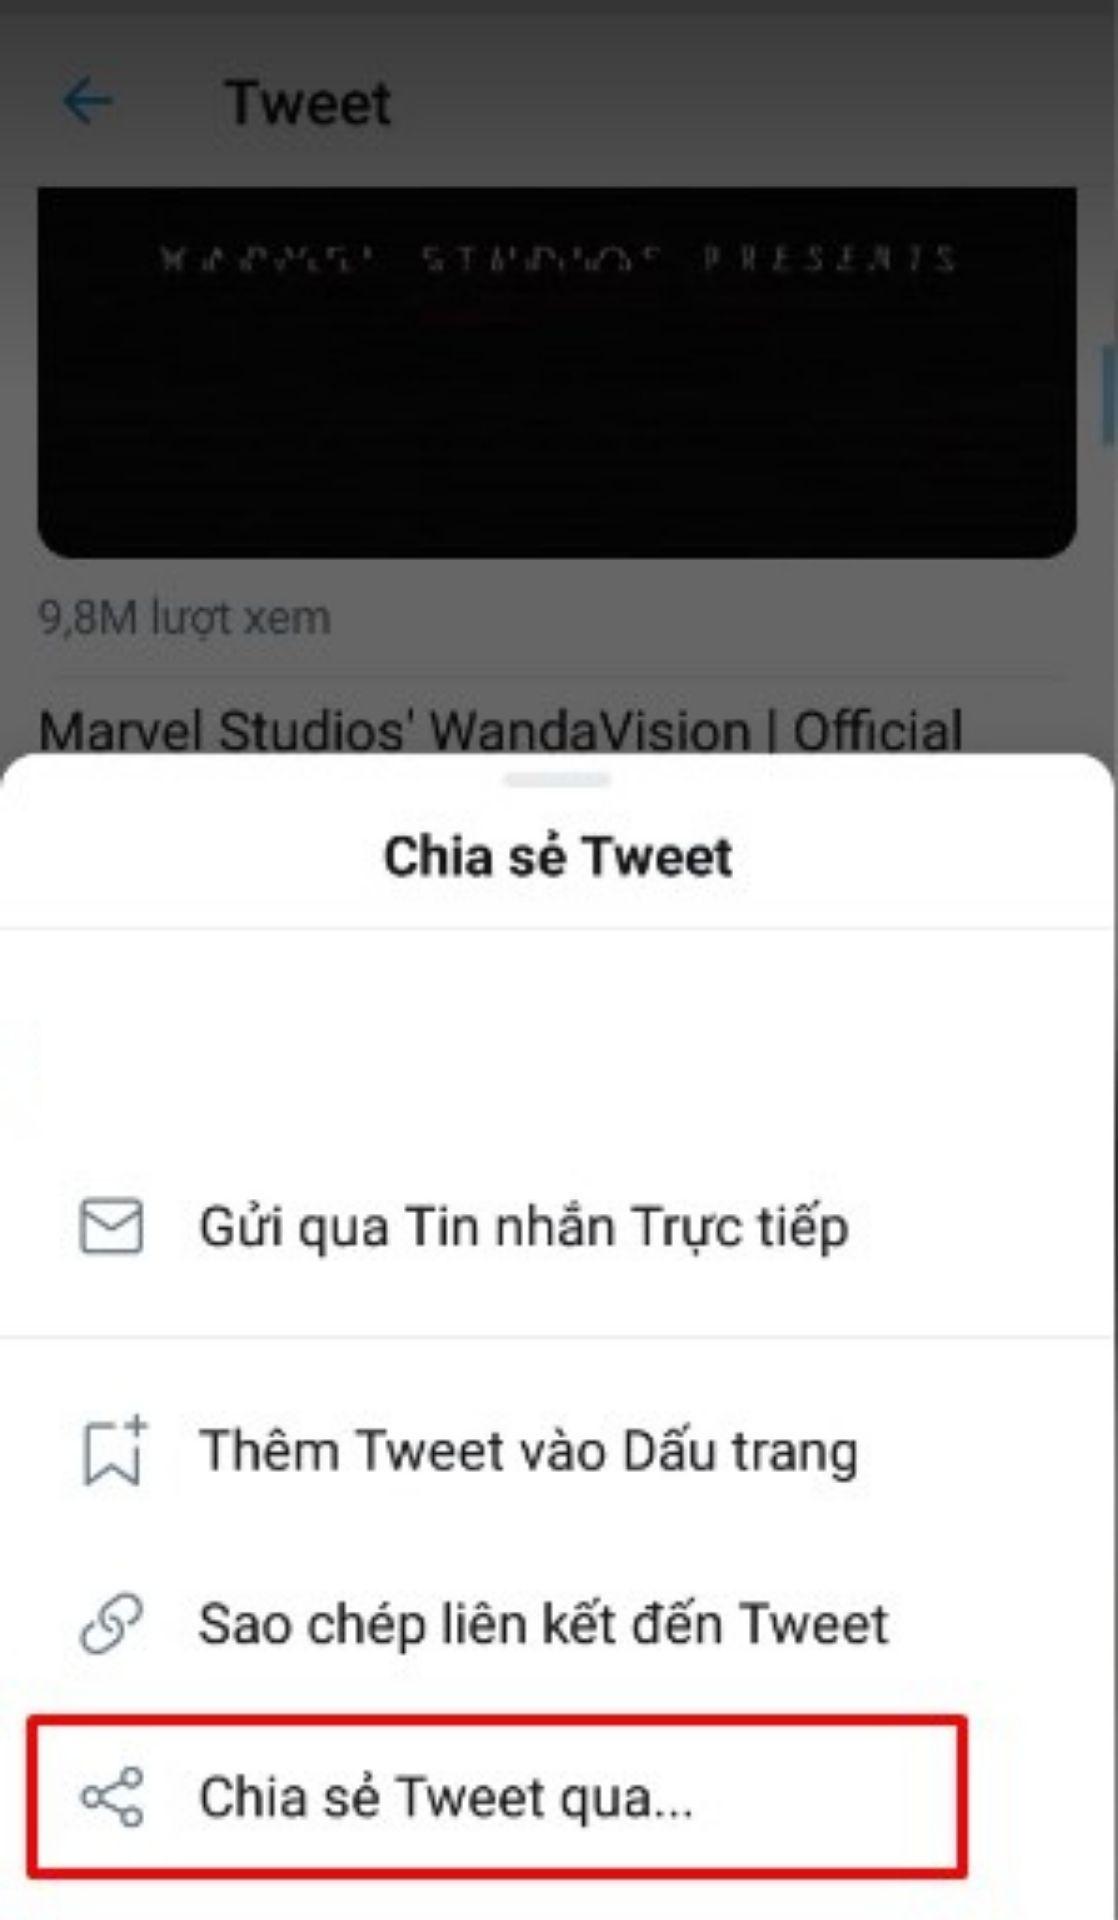 Bấm vào nút được khoanh đỏ để download video Twitter về máy